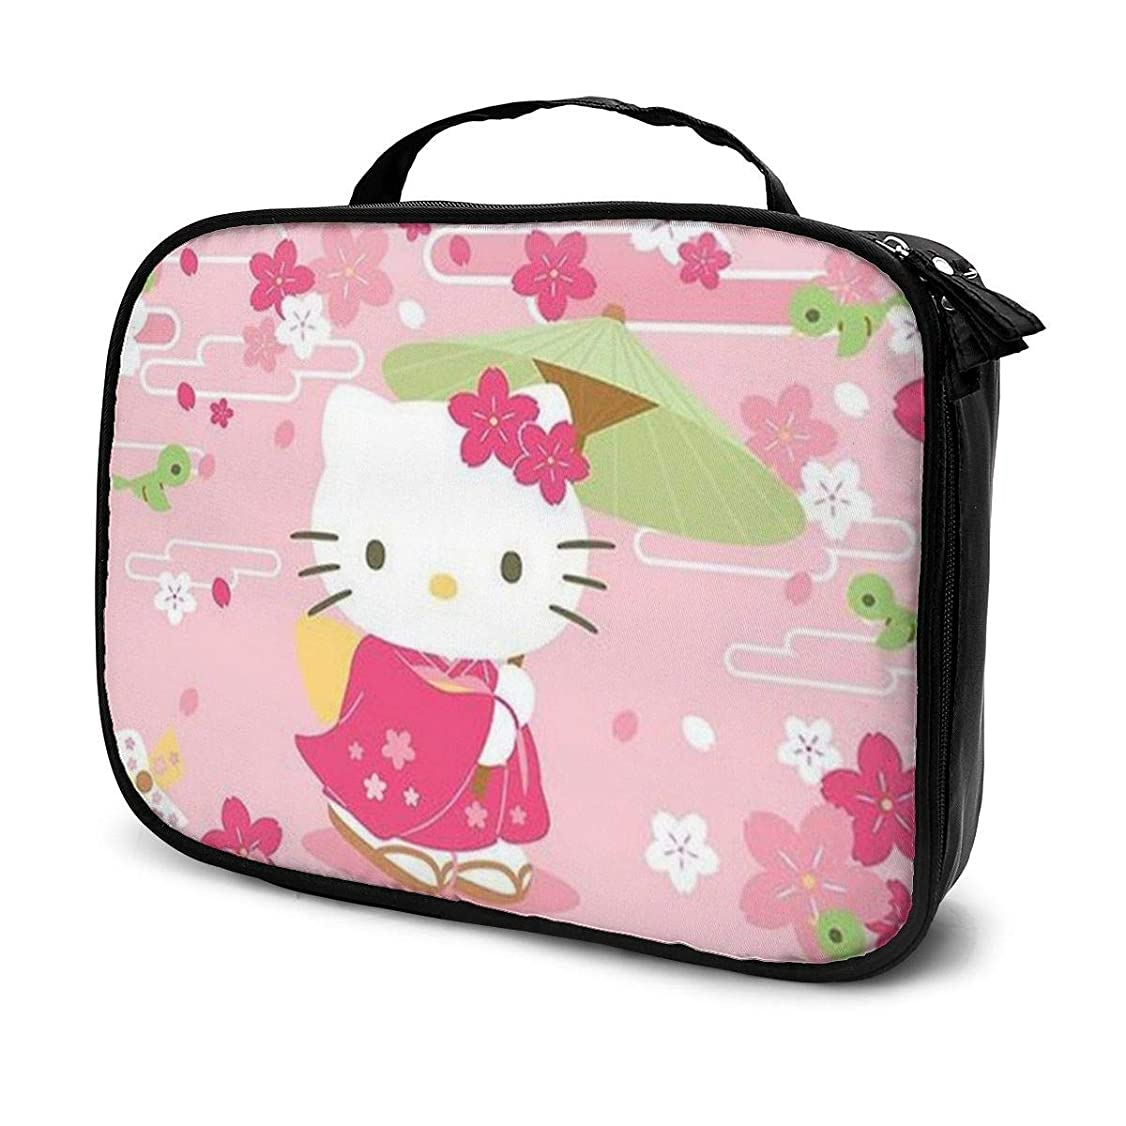 餌こしょう偽装するDaituエレガントなハローキティ 化粧品袋の女性旅行バッグ収納大容量防水アクセサリー旅行